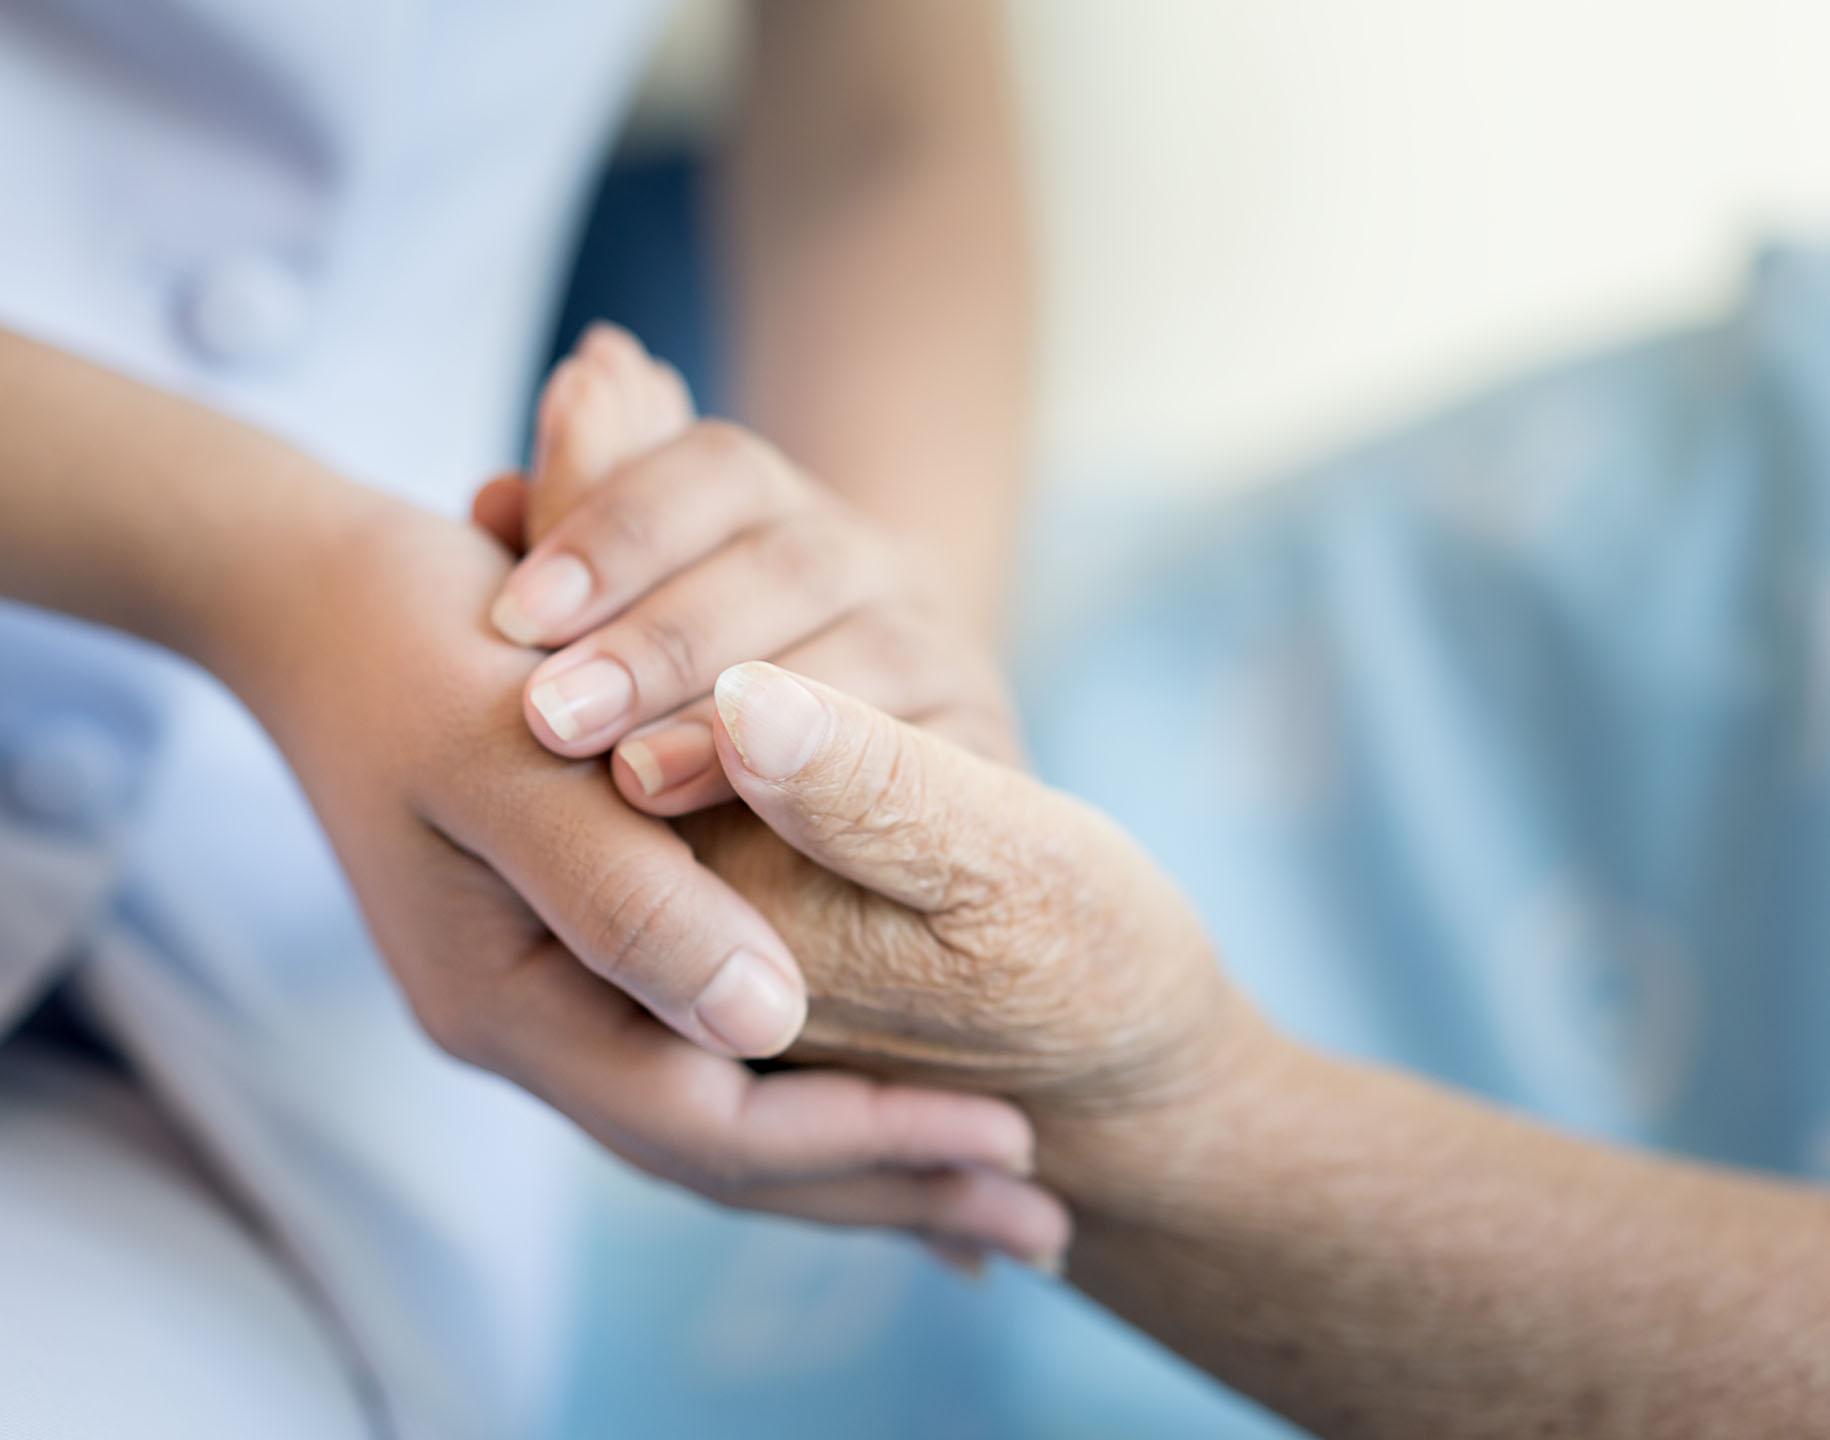 Nursing Home Elderly Wounds, Bruises, Injuries or Bleeding (Updated Sep 2021)